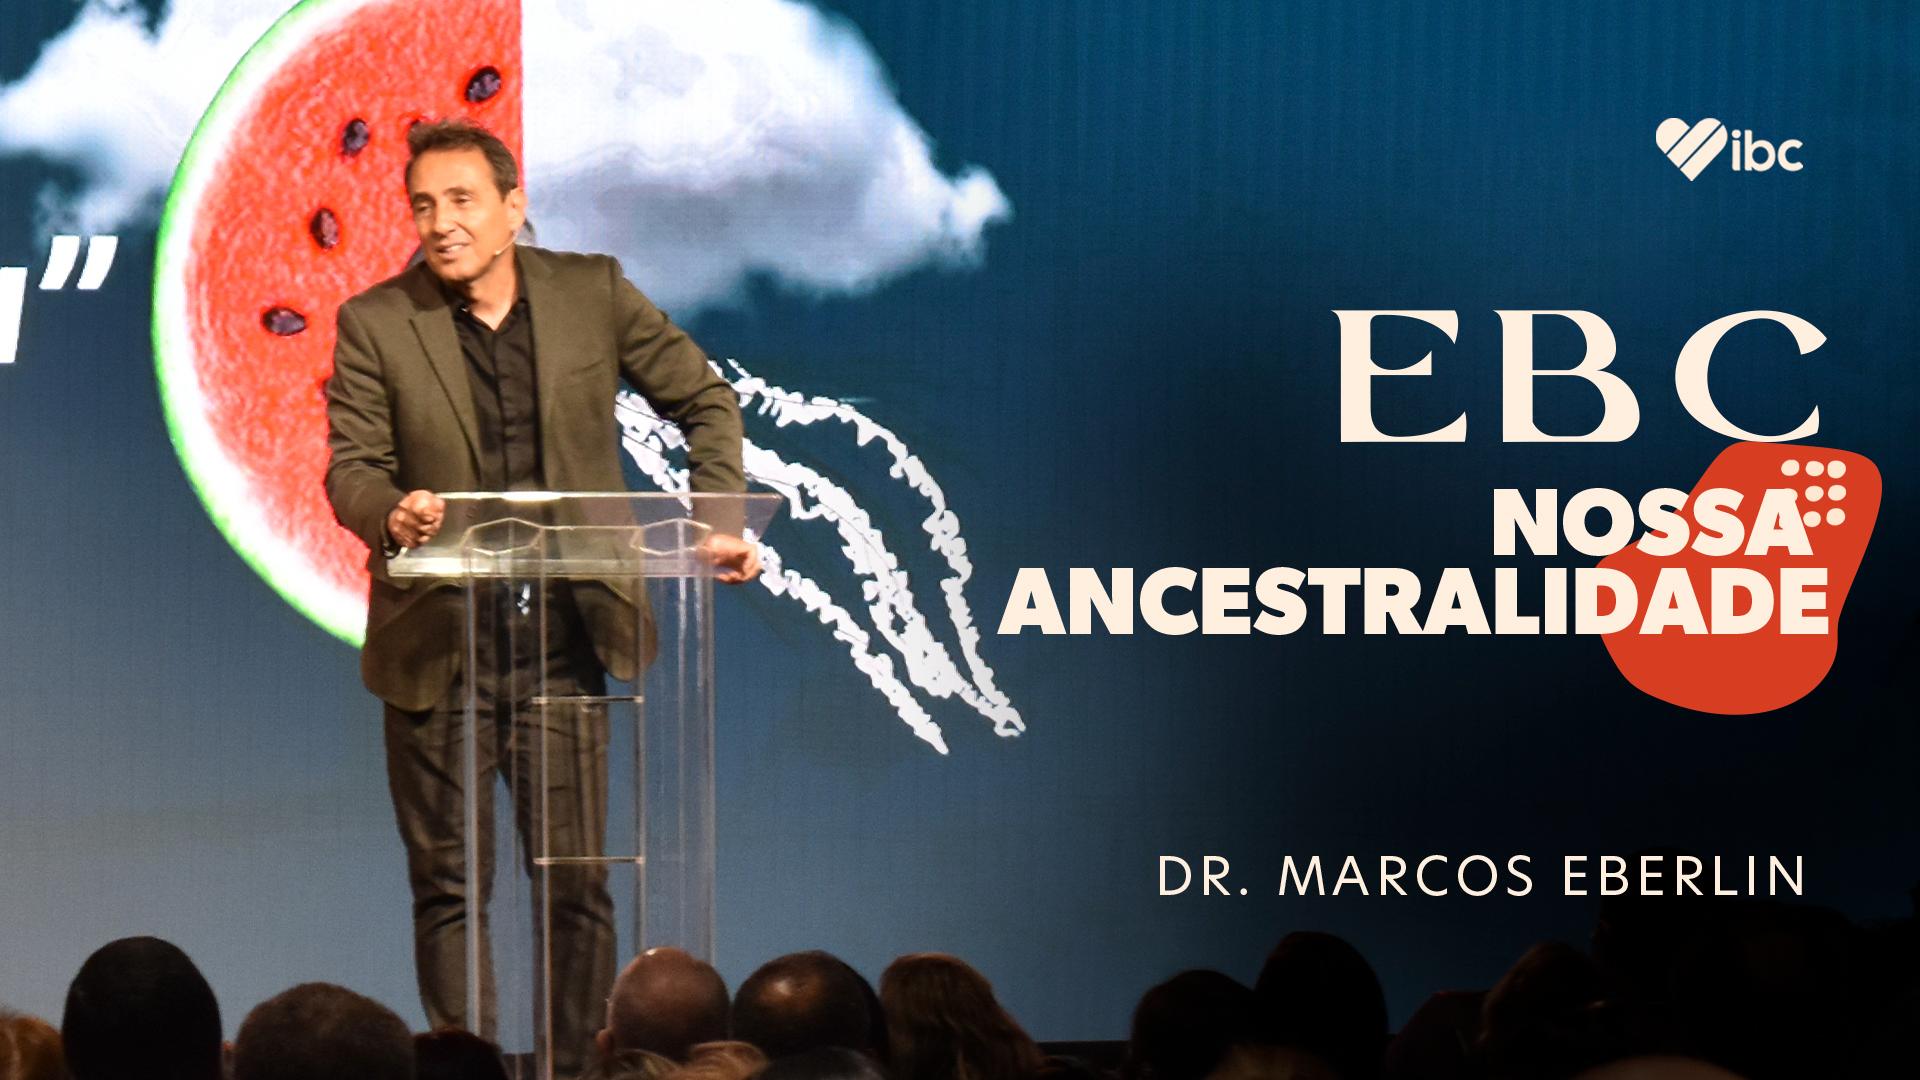 EBC: Nossa ancestralidade